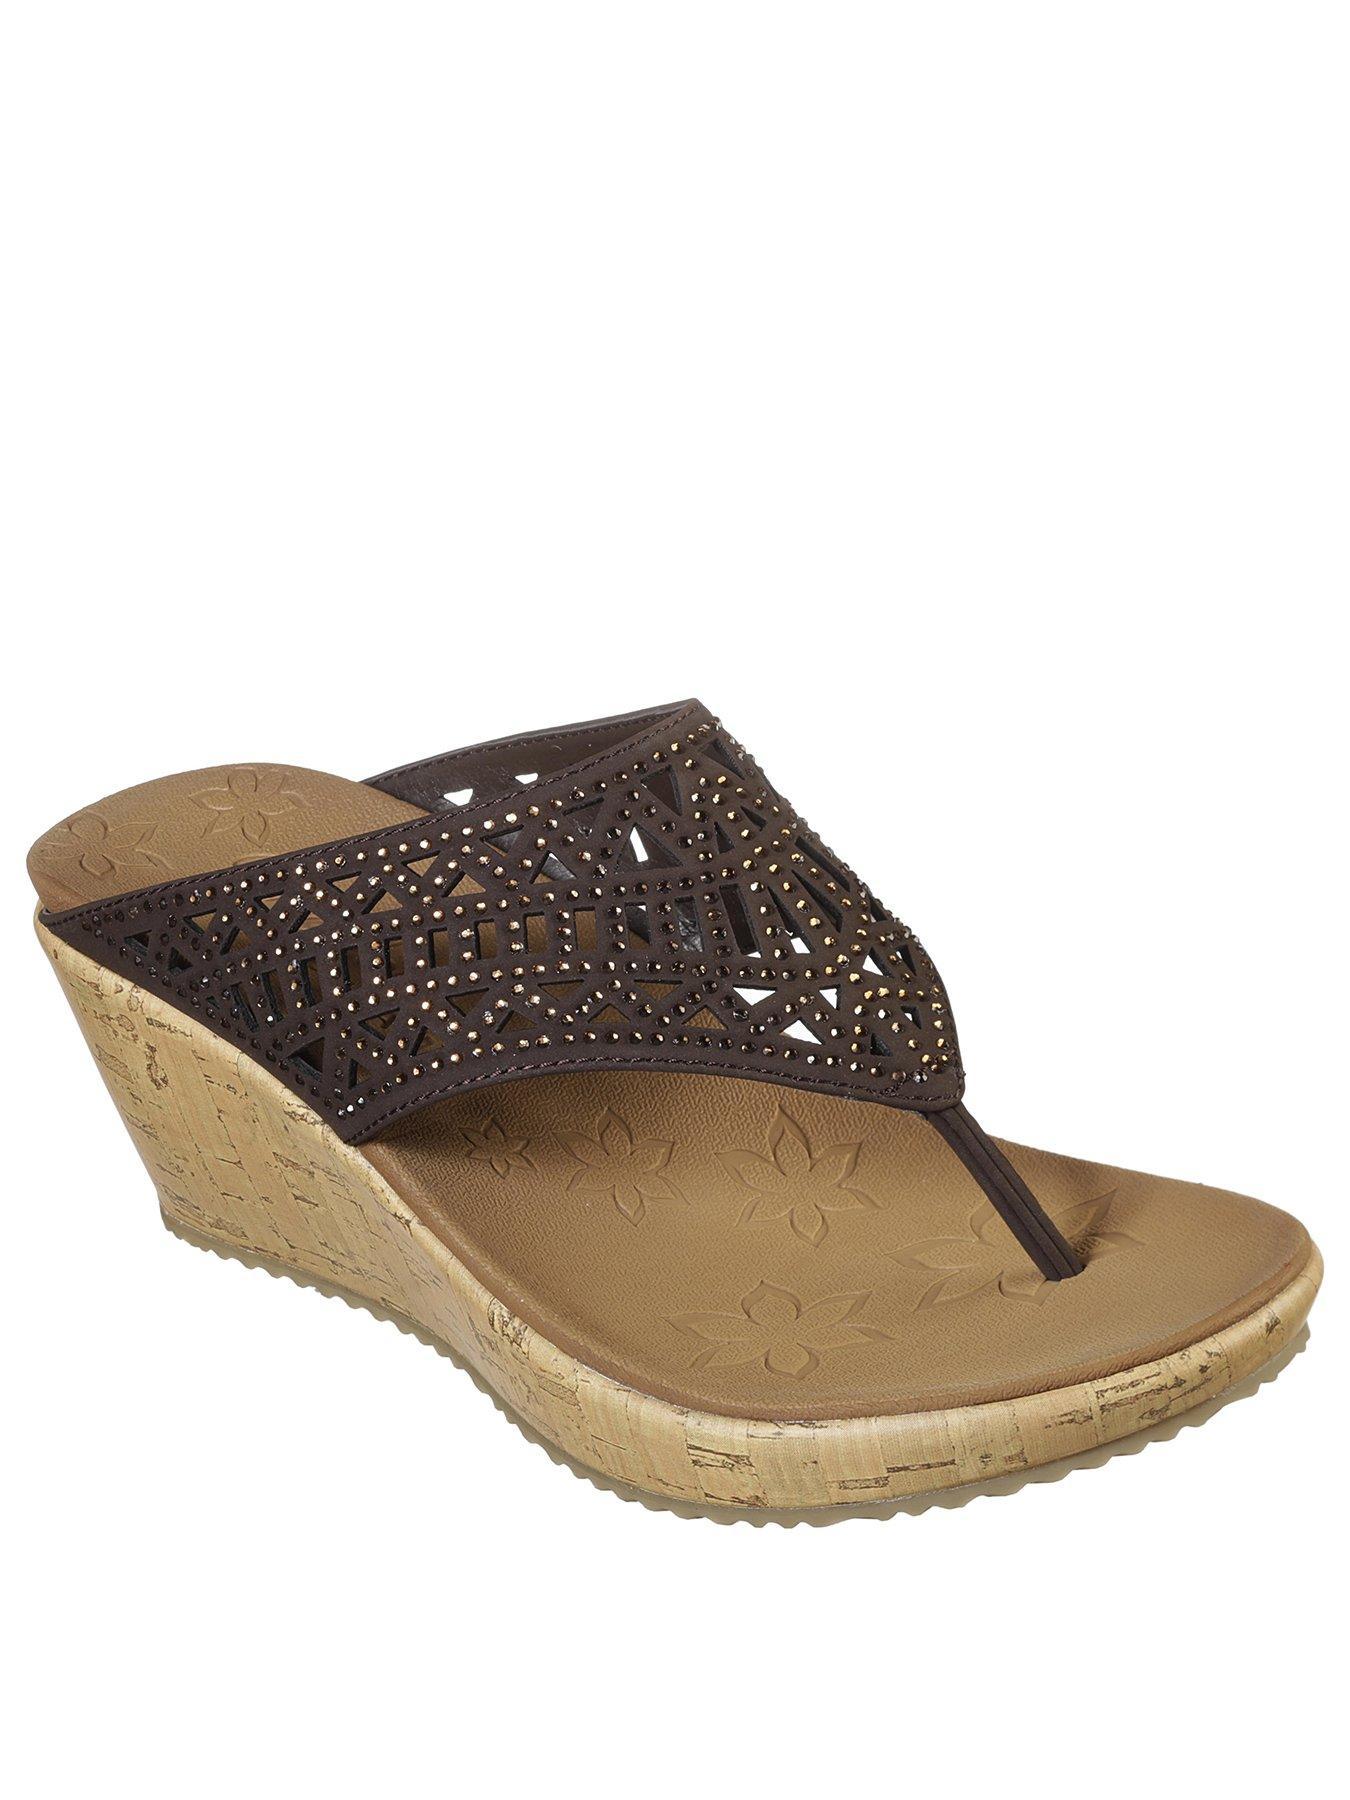 Visit Wedge Mule Sandal - Chocolate